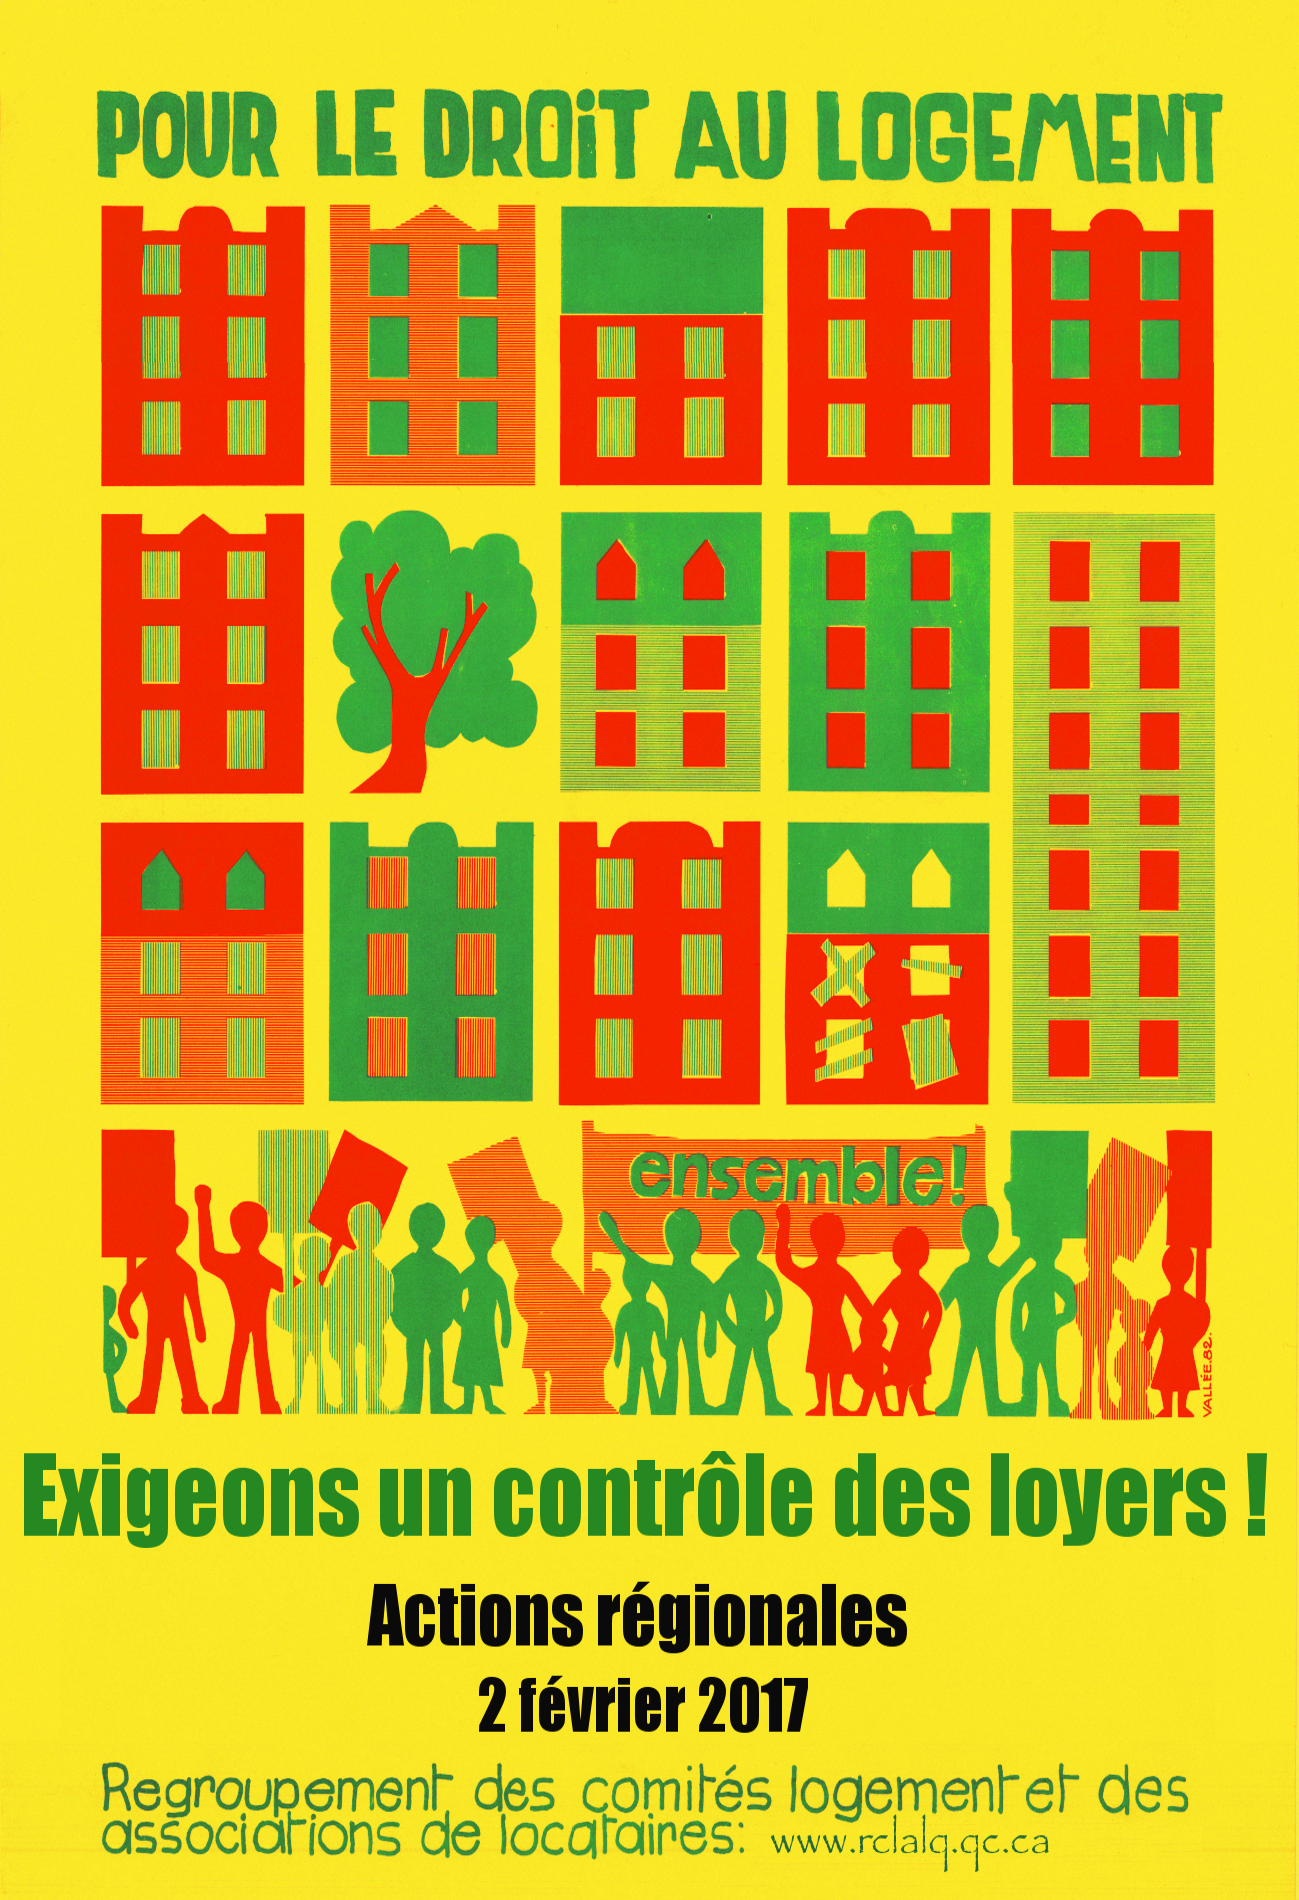 Affiche Bernard Vallé (exigeons un contrôle des loyers) 1982